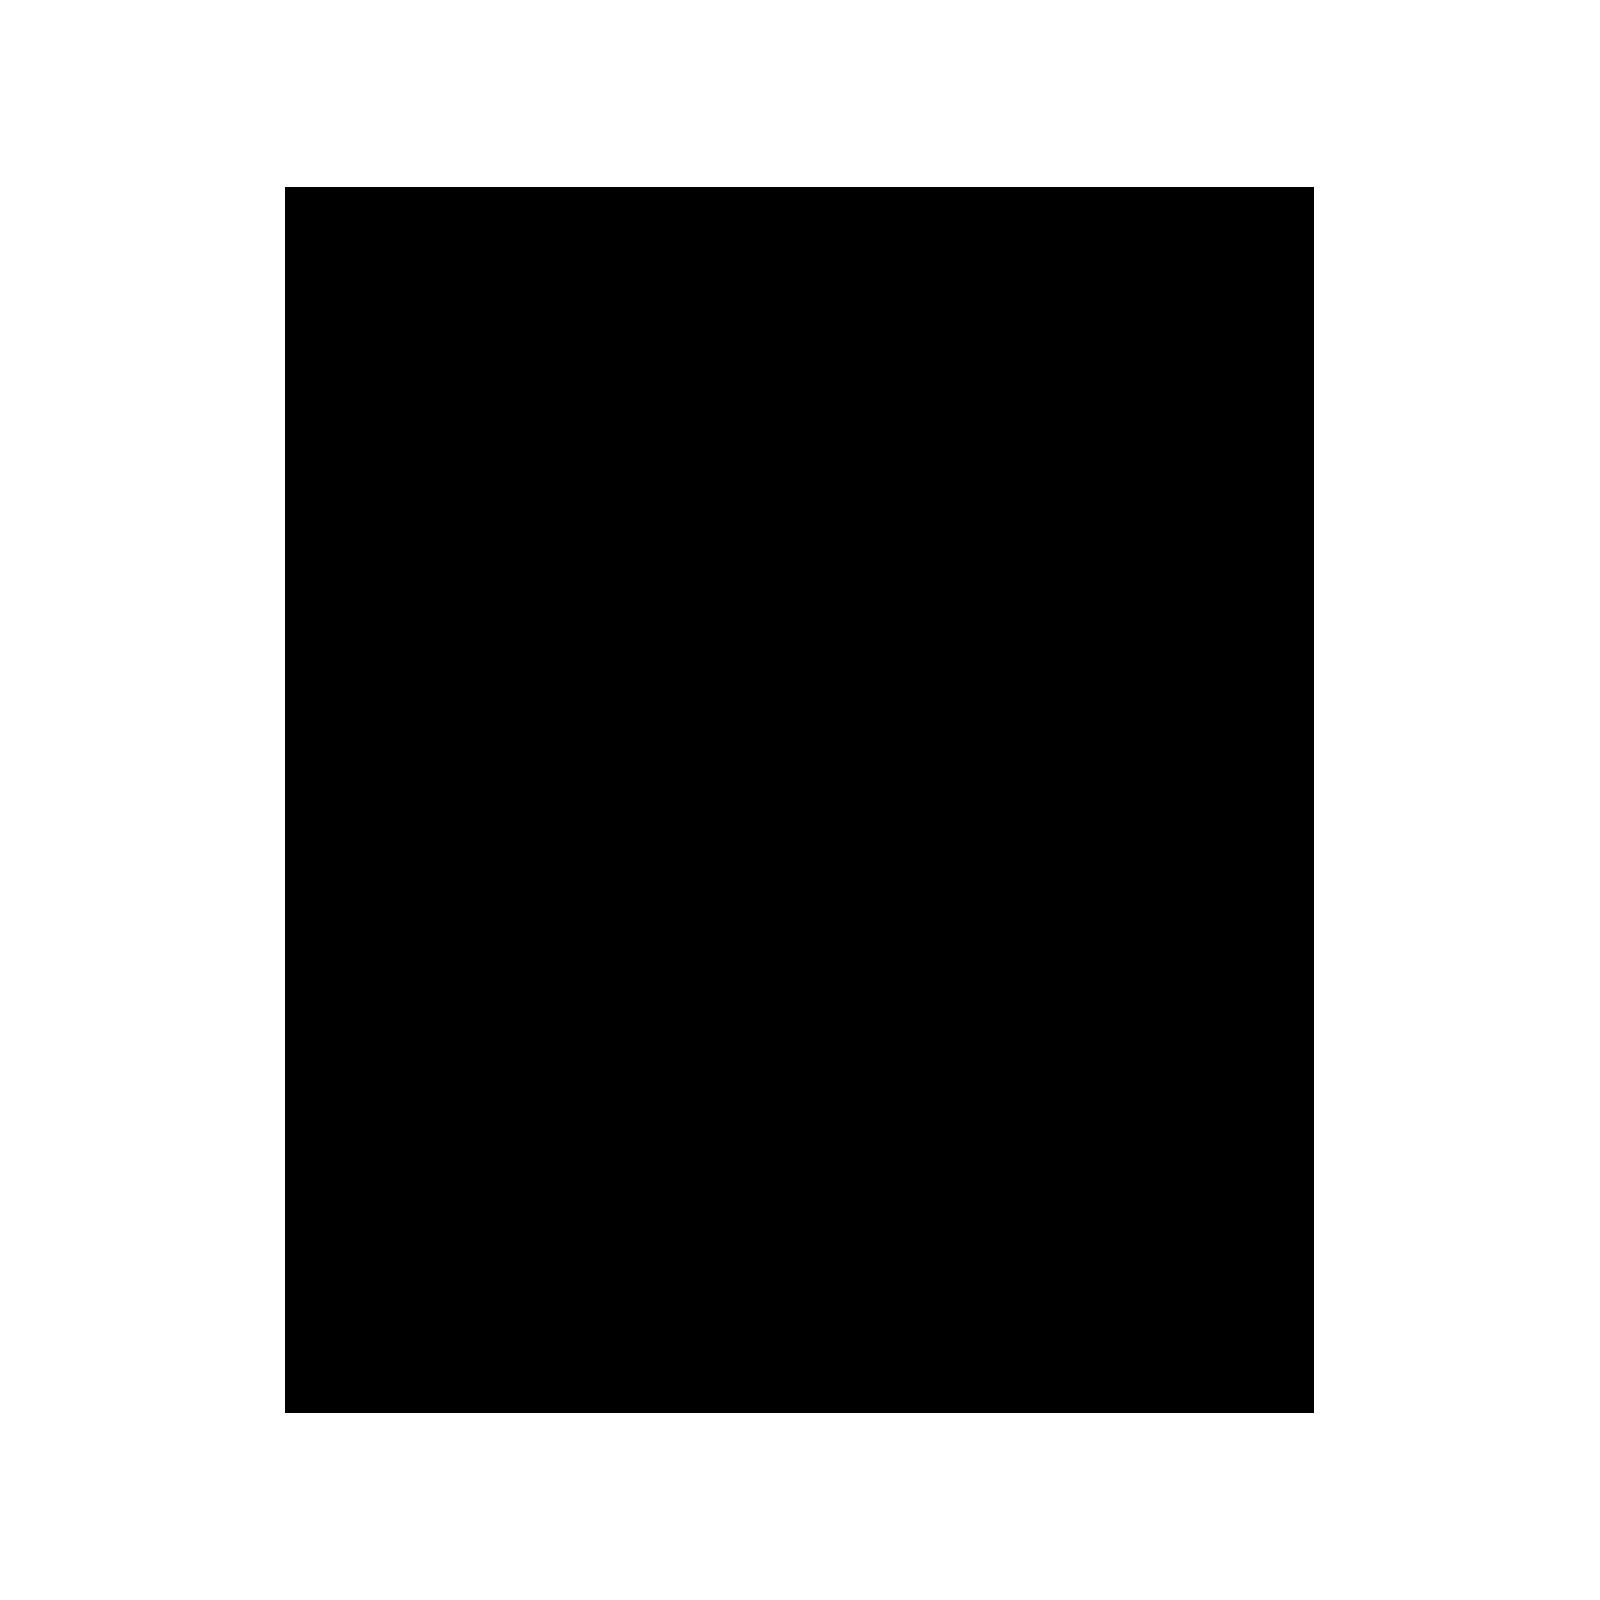 Teleskopdusche Säule mit Mischer und  Duschenkopf